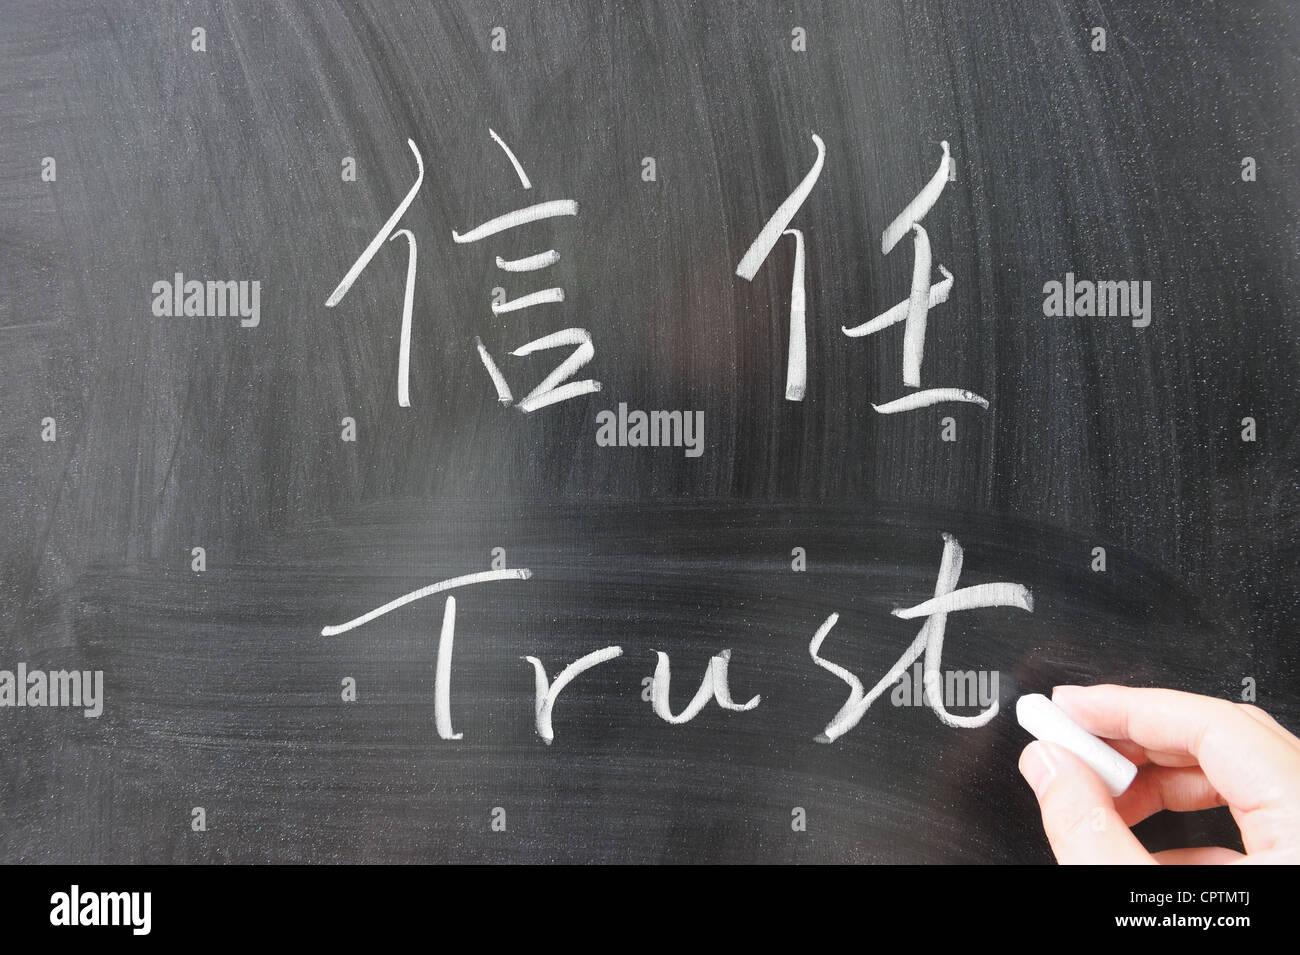 Confiar en la palabra escrita en chino y en inglés en la pizarra Imagen De Stock